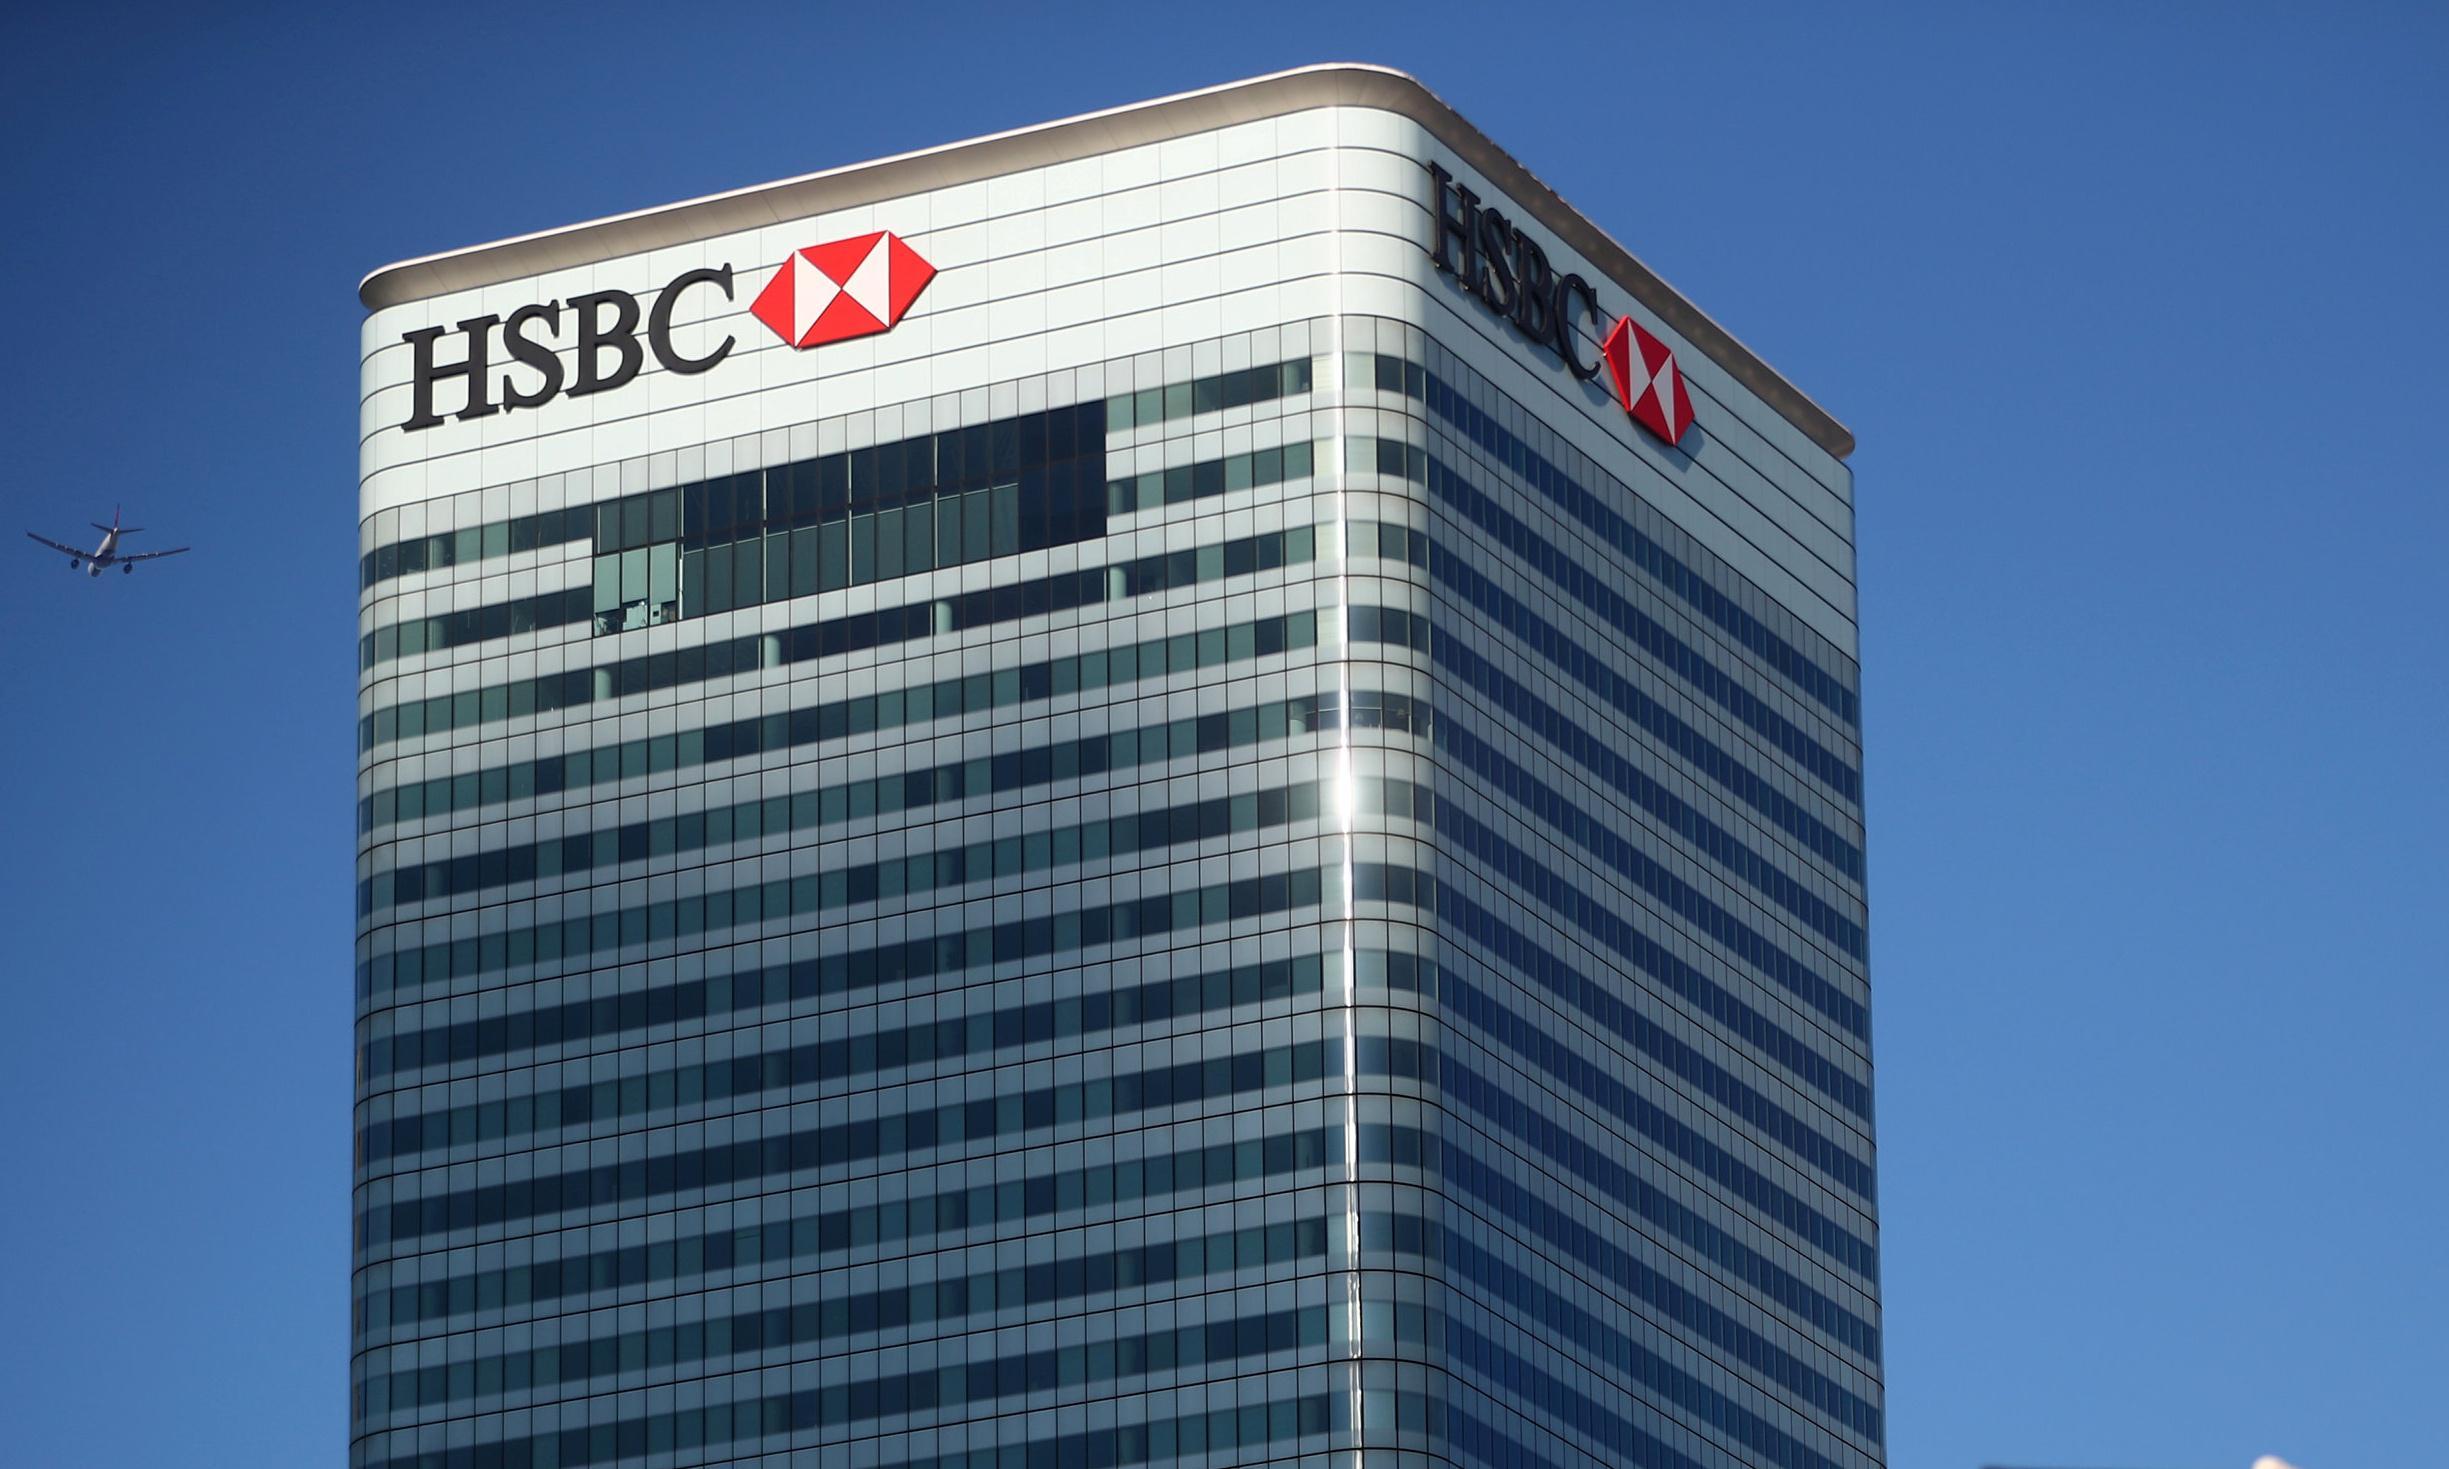 HSBC warns of weak global economic outlook